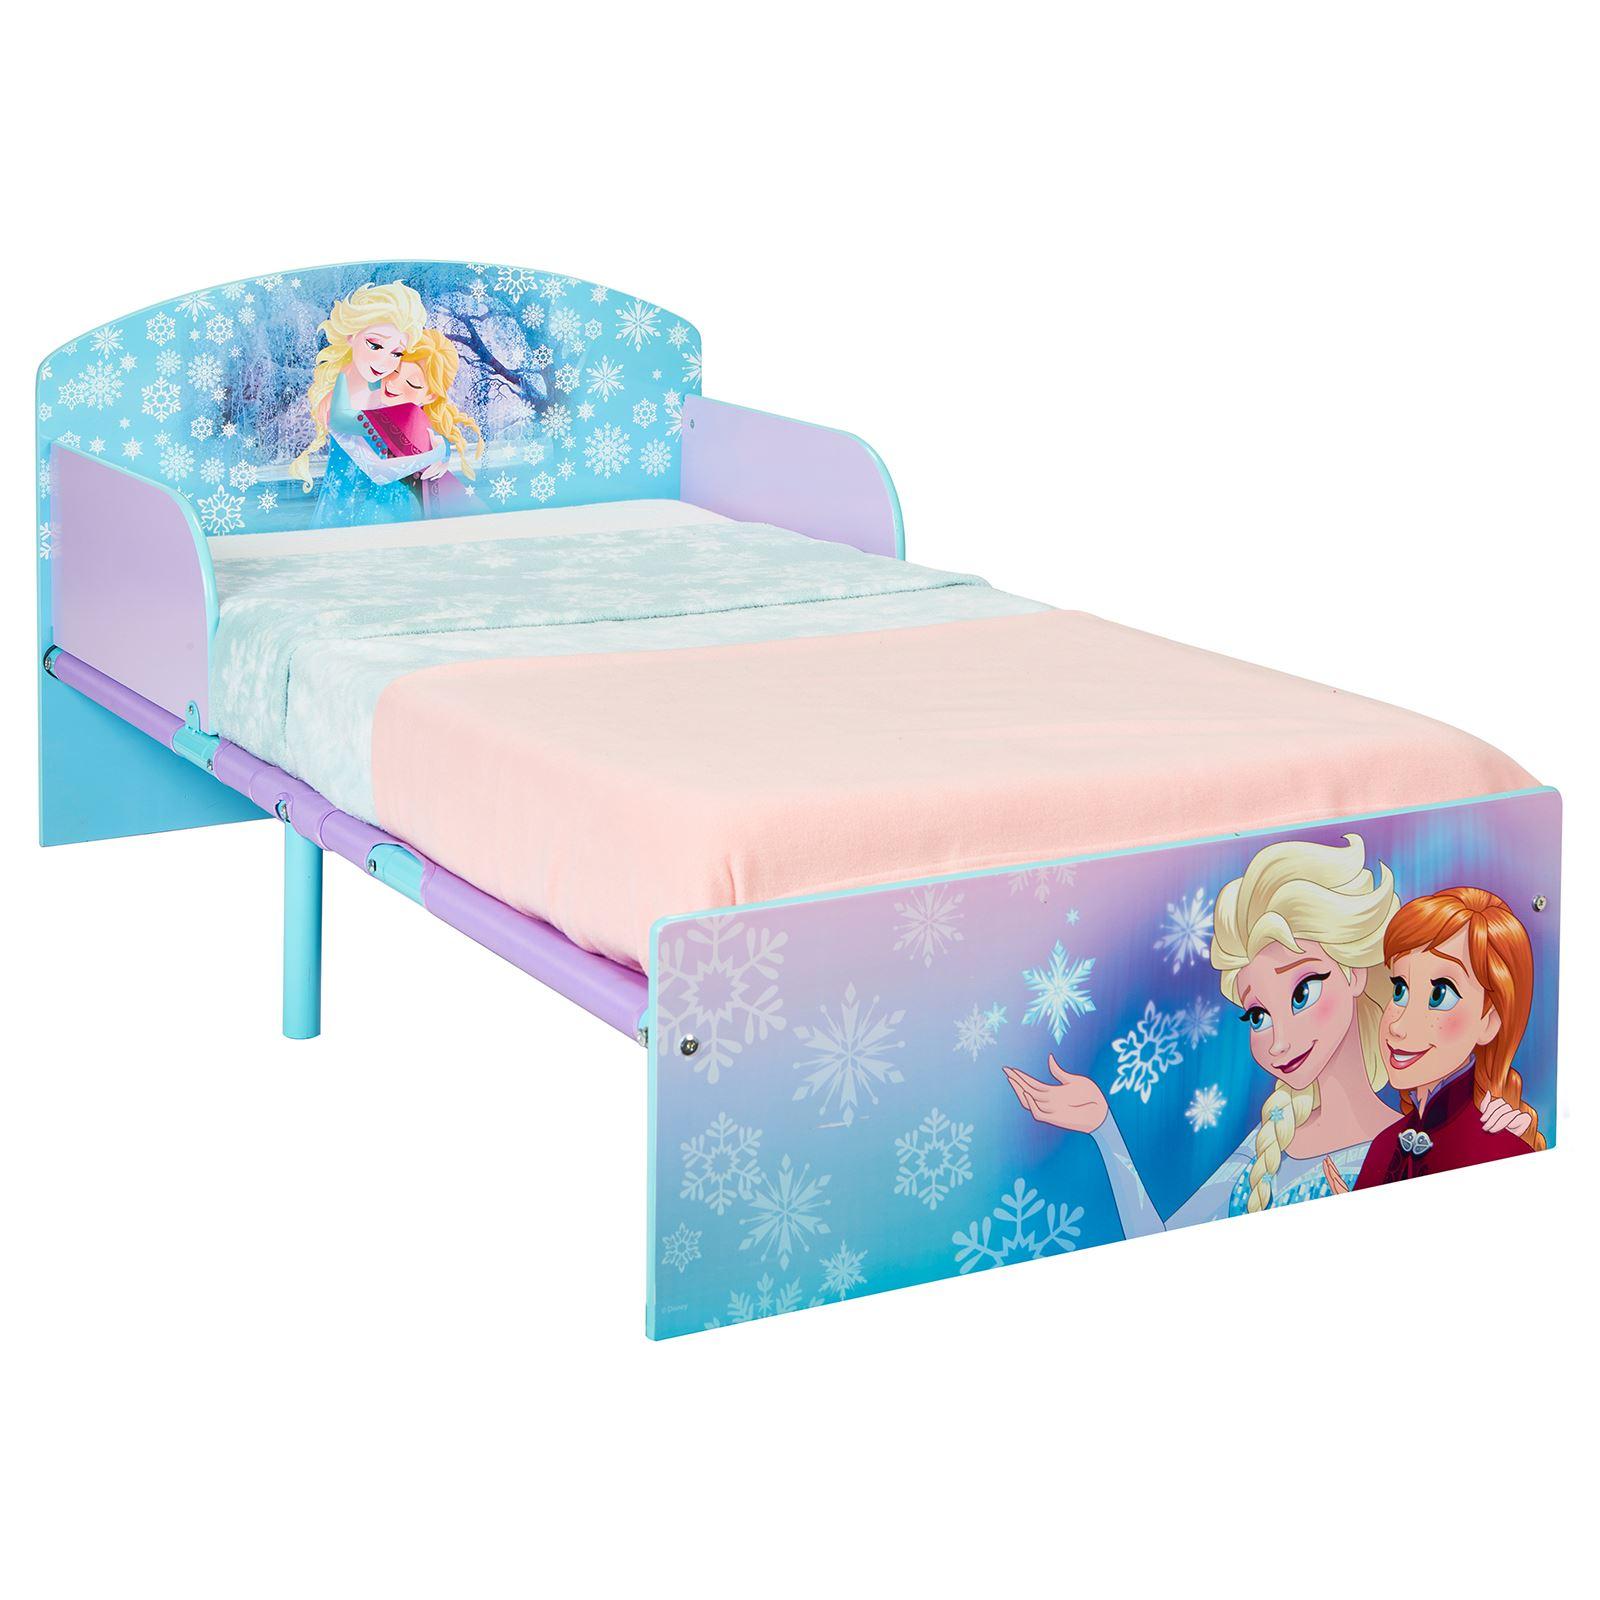 Kinder Junior-Kleinkind-Bett + Matratze Optionen - Disney Cars ...